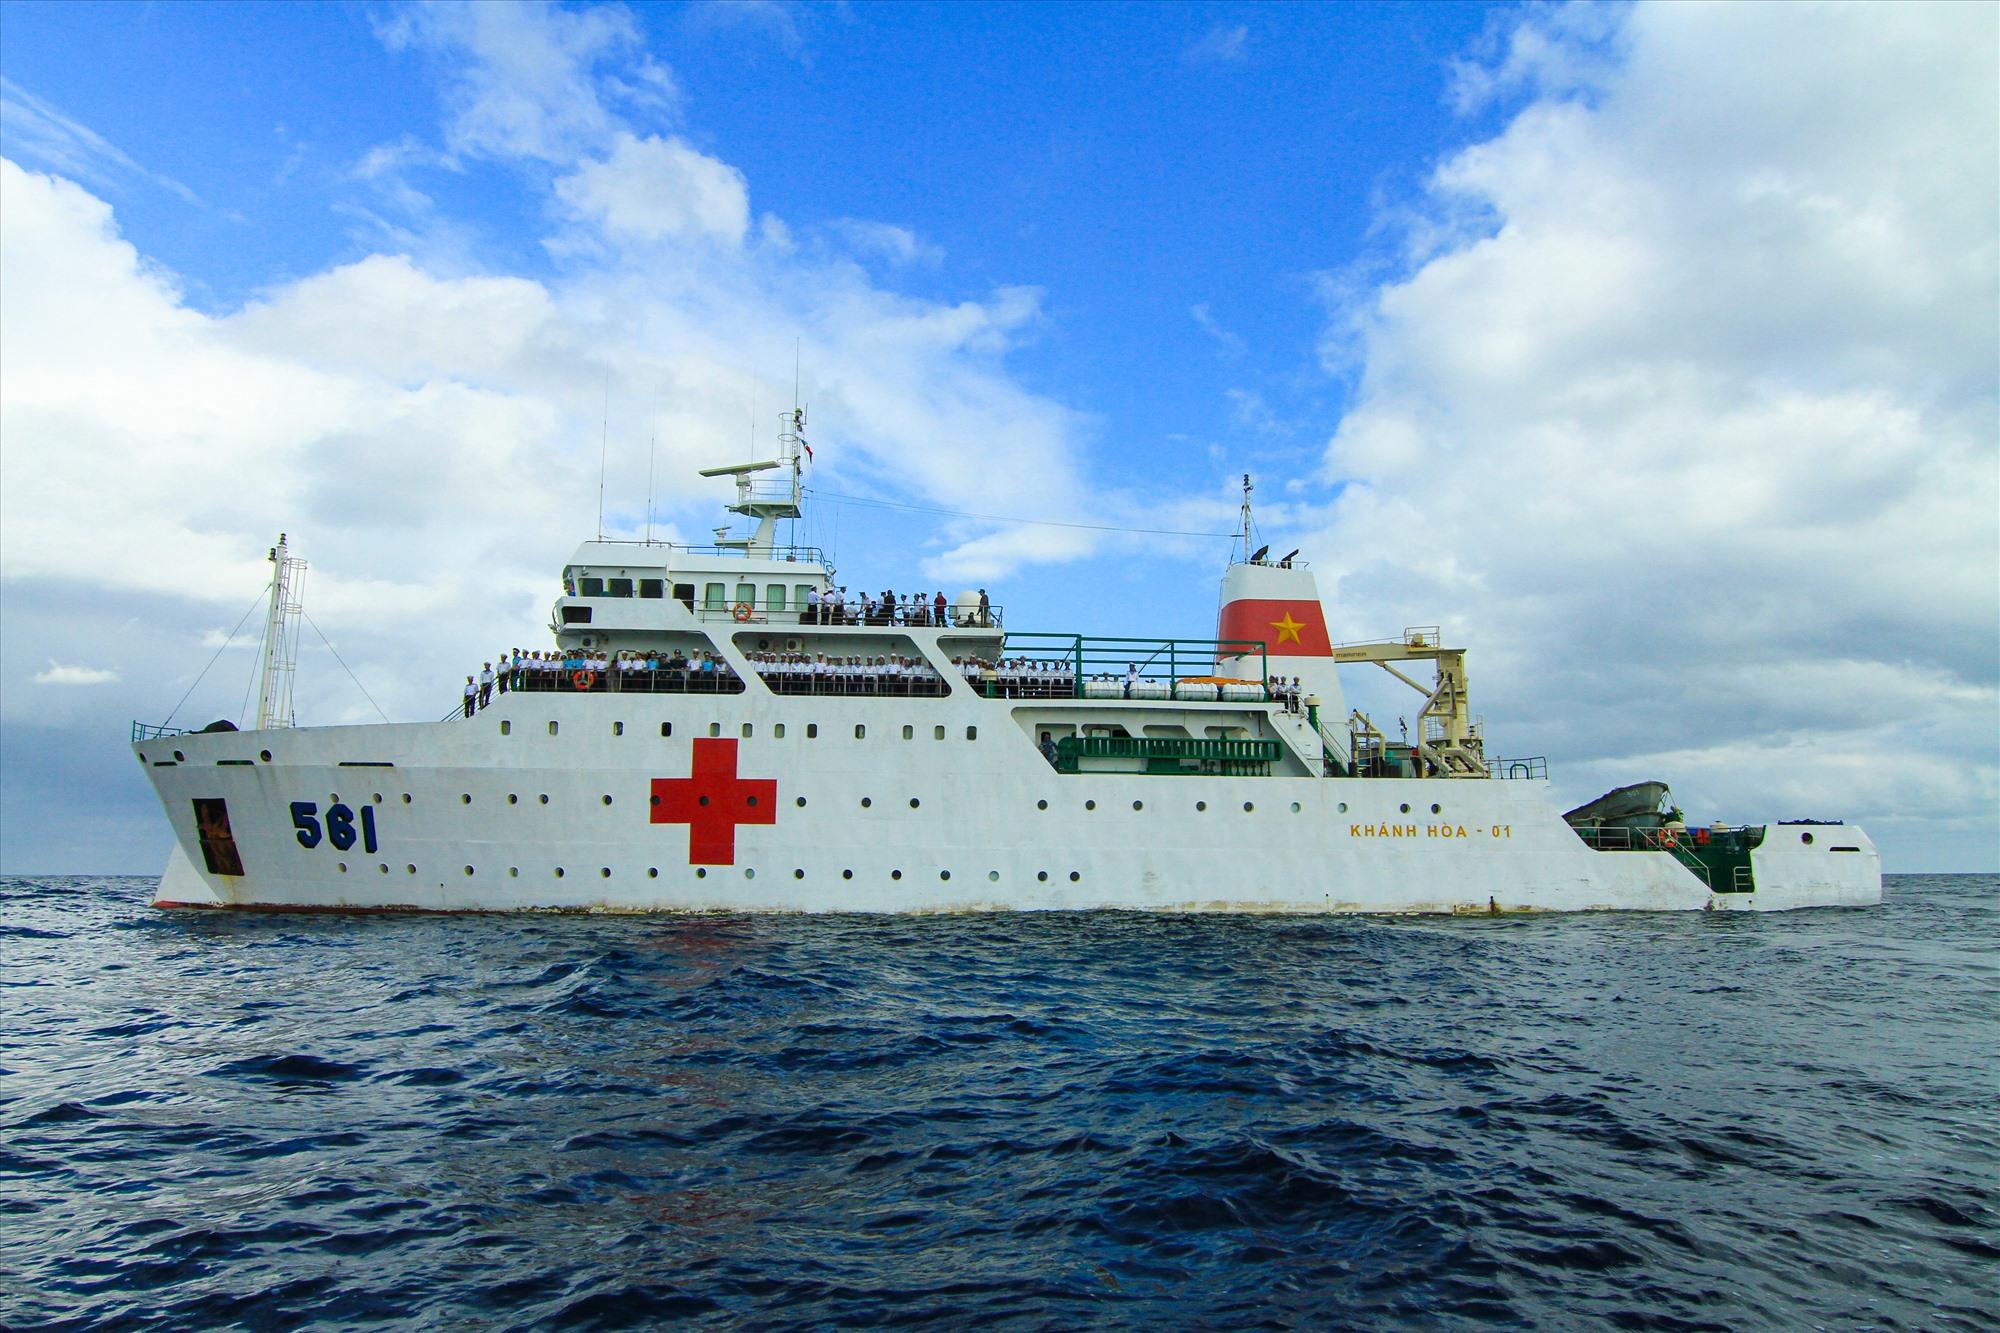 Tàu 561 - Bệnh viện trên biển. Ảnh: T.C